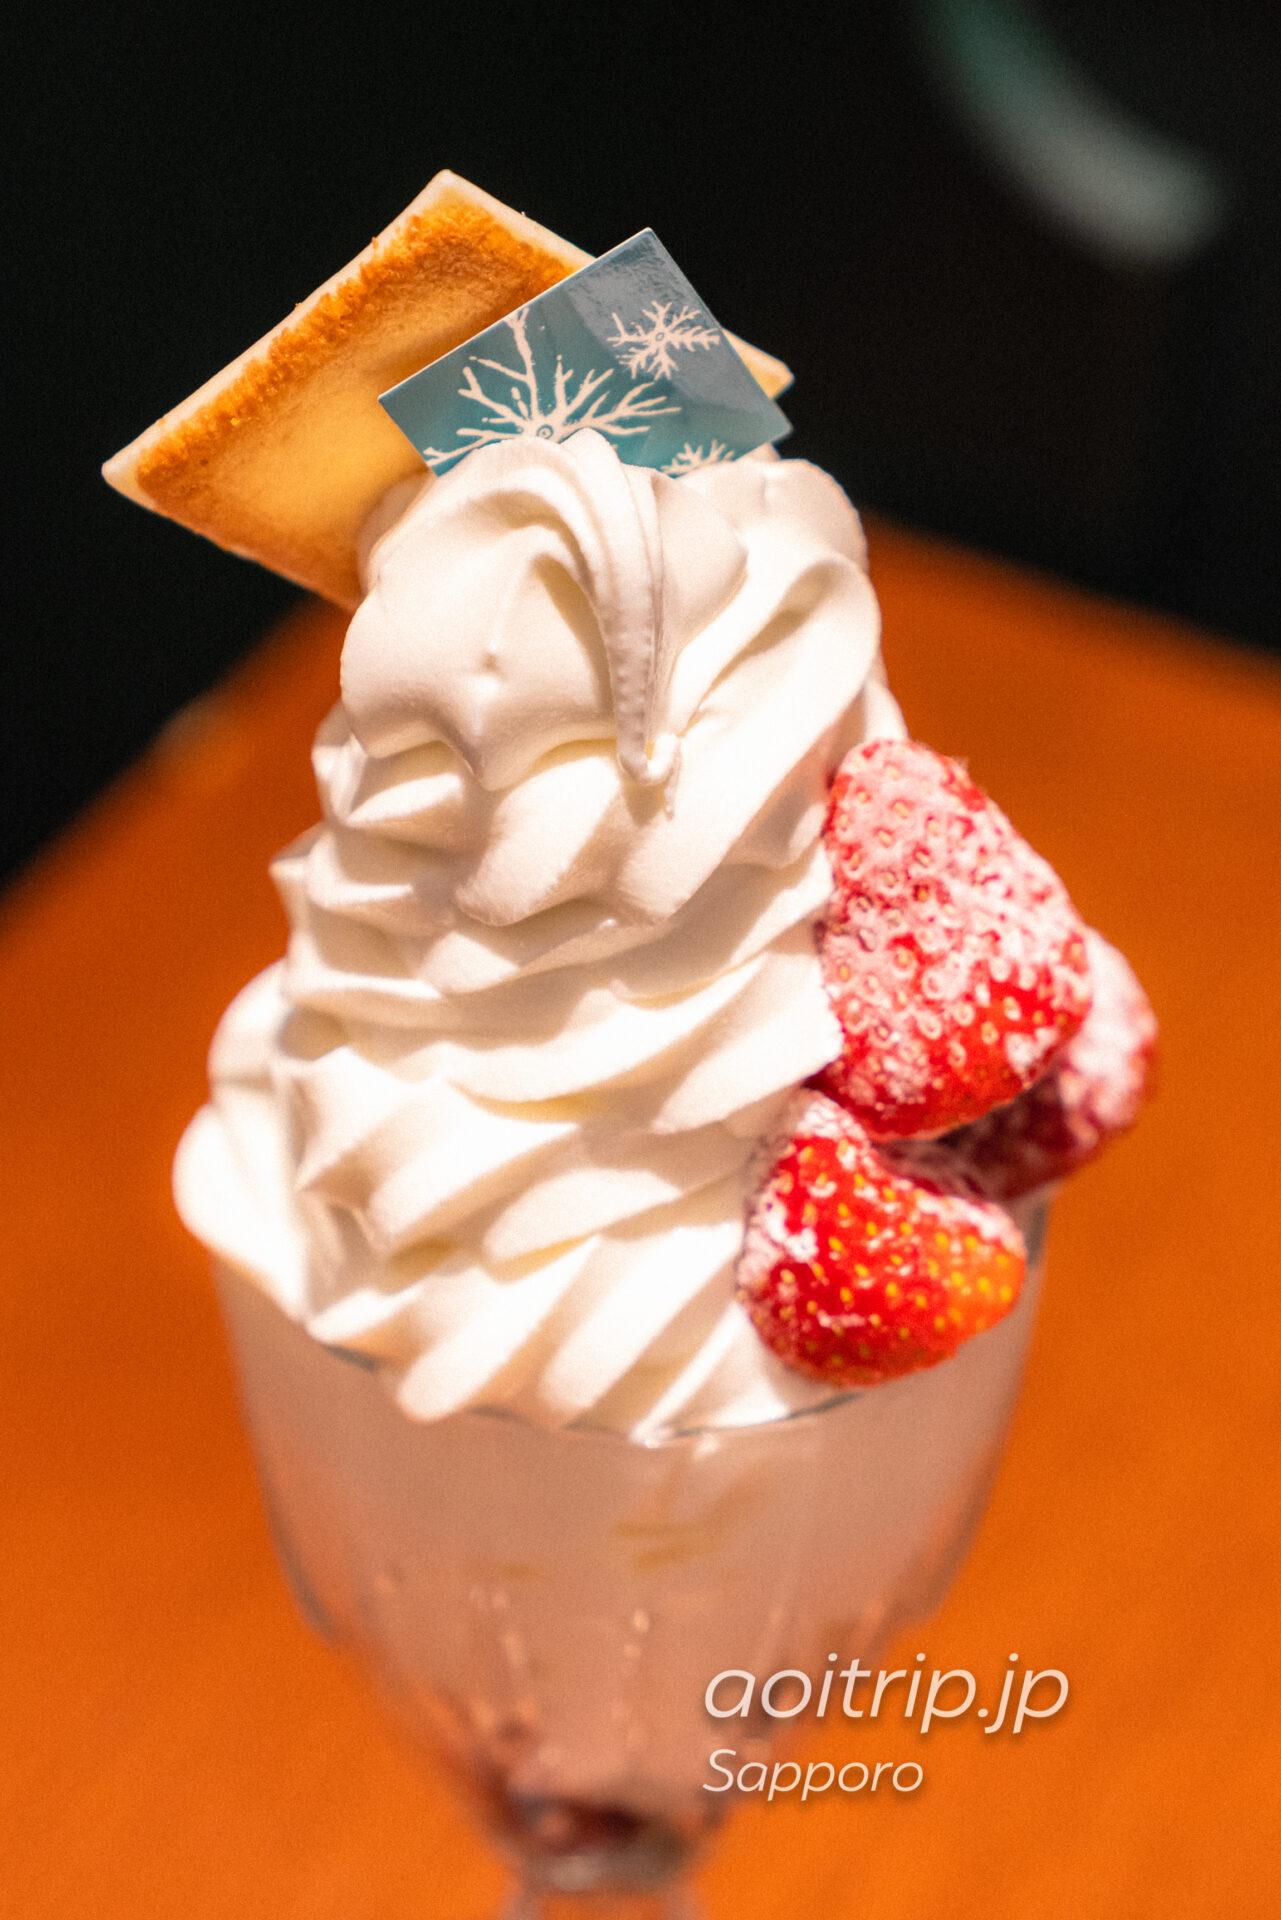 札幌イシヤカフェの白い恋人ソフトクリームパフェ